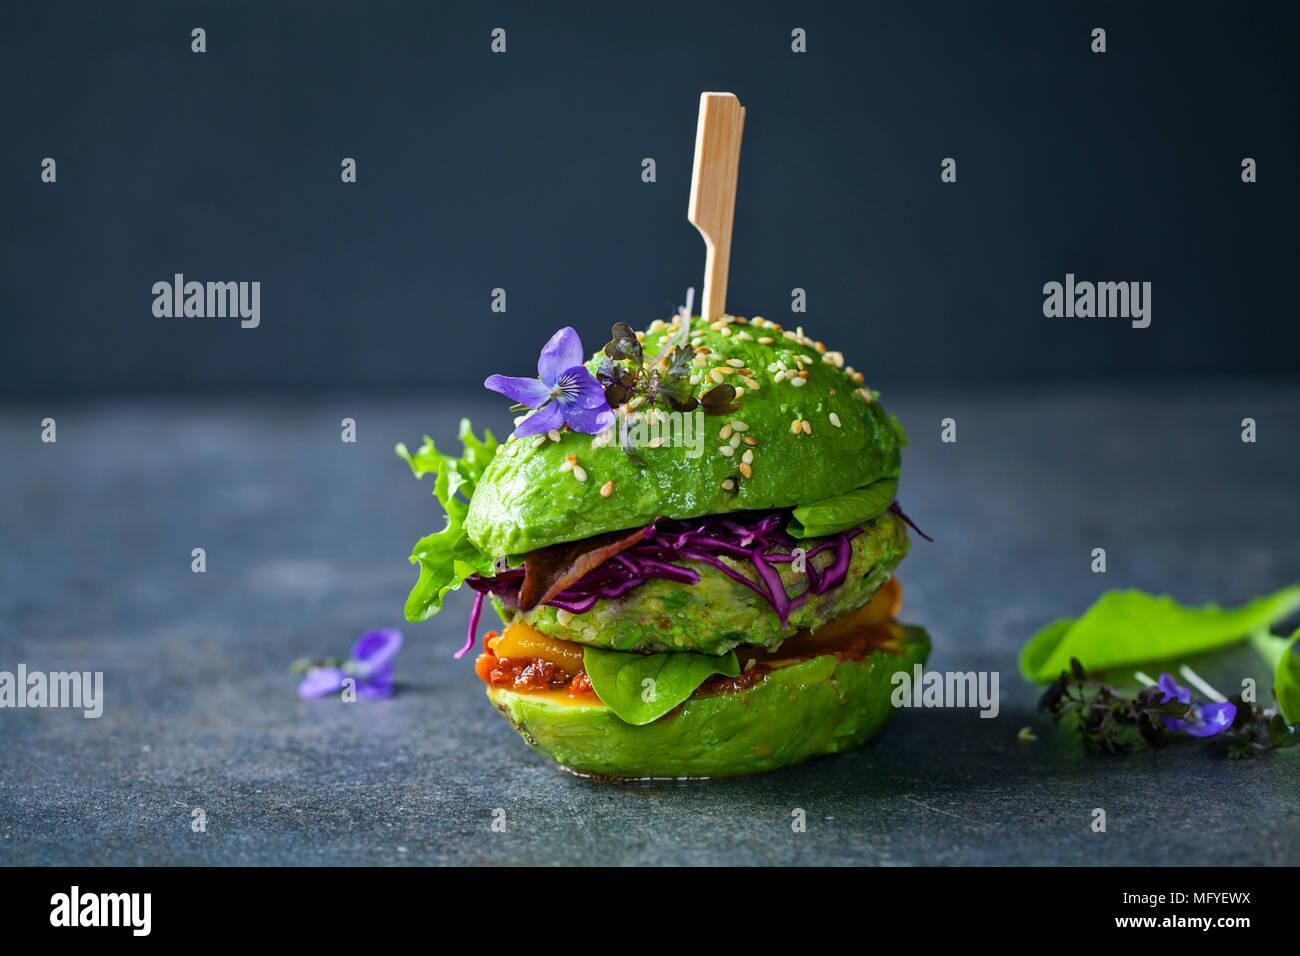 Sandwich di Avocado con green vegan burger, arrosto di peperone giallo e decapati cavolo rosso Immagini Stock